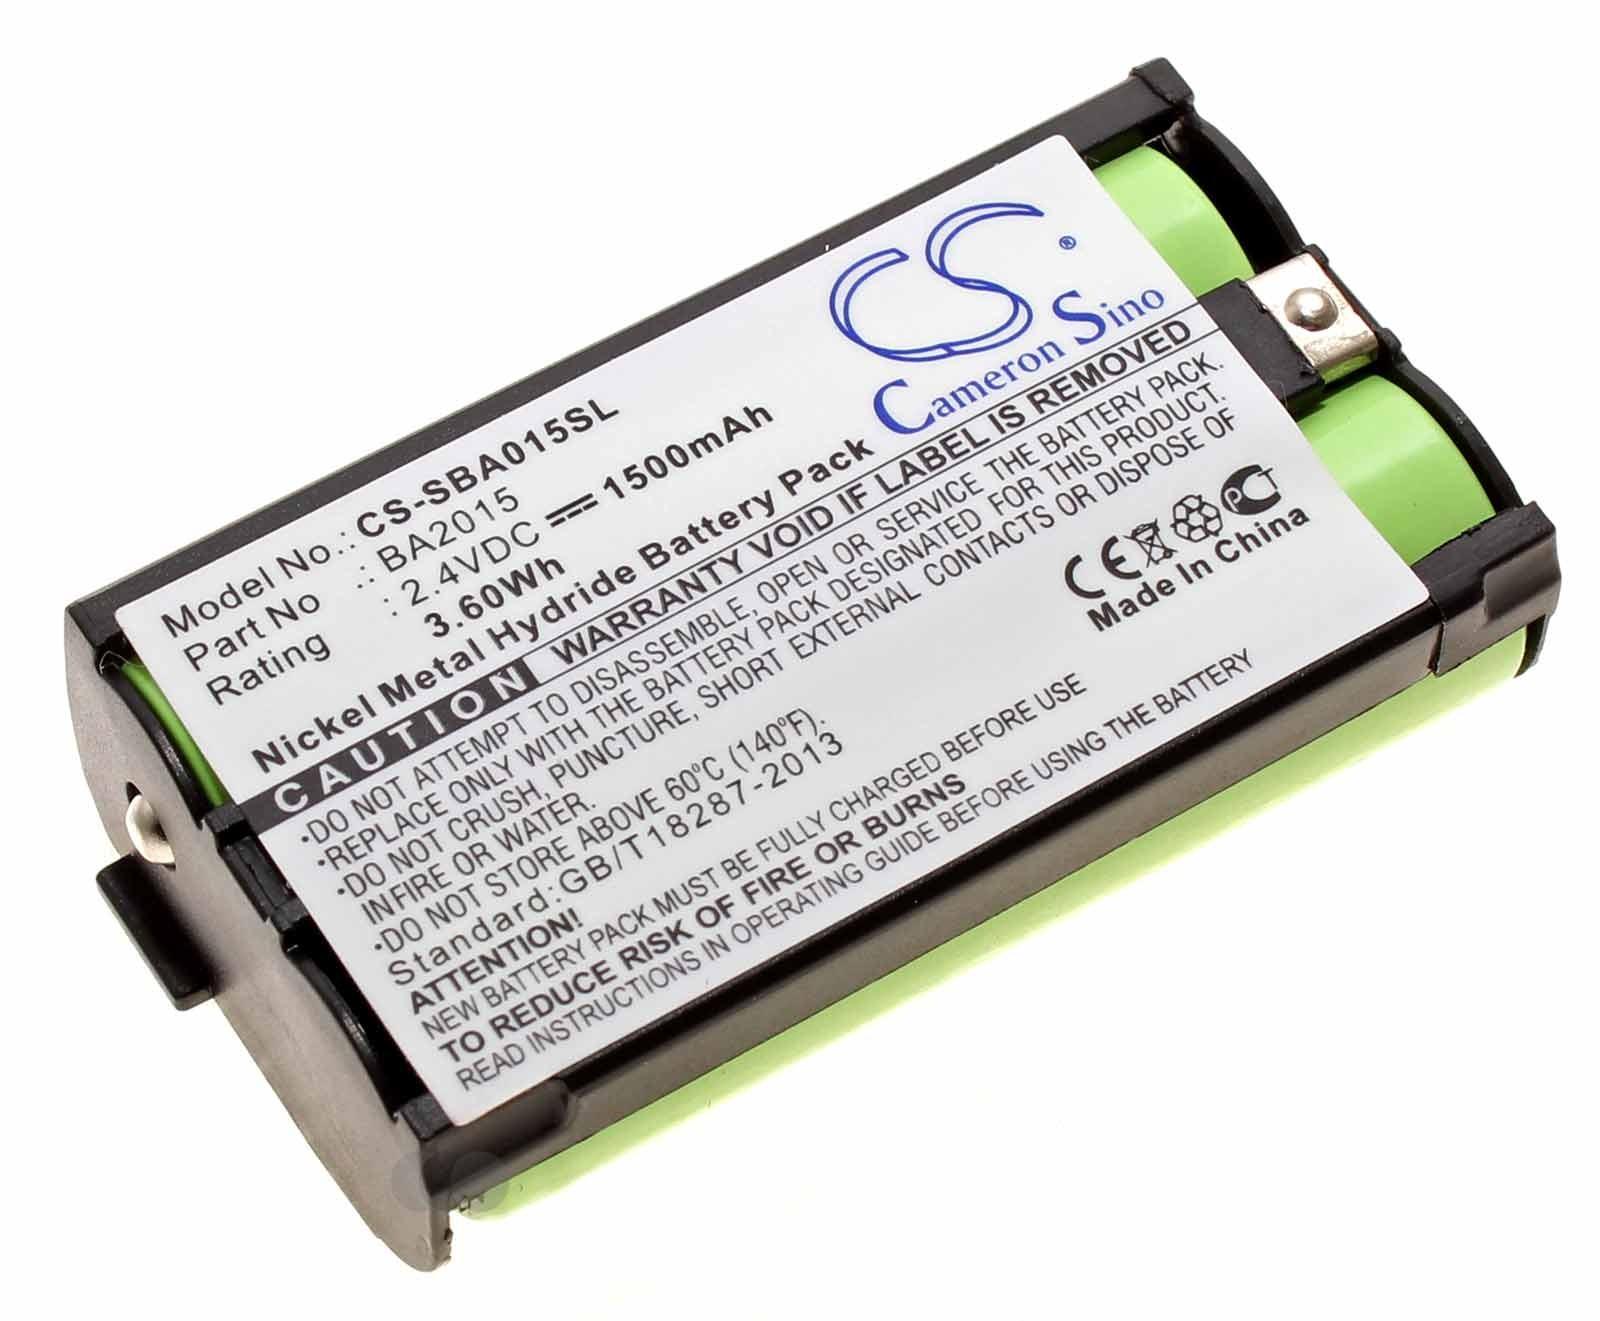 Alternativer Ni-MH Akku für Sennheiser 2015FM, EK1038 und G2 mit 2,4 Volt und 1500mAh Kapazität, ersetzt den original Akku BA2015 und BA2015G2